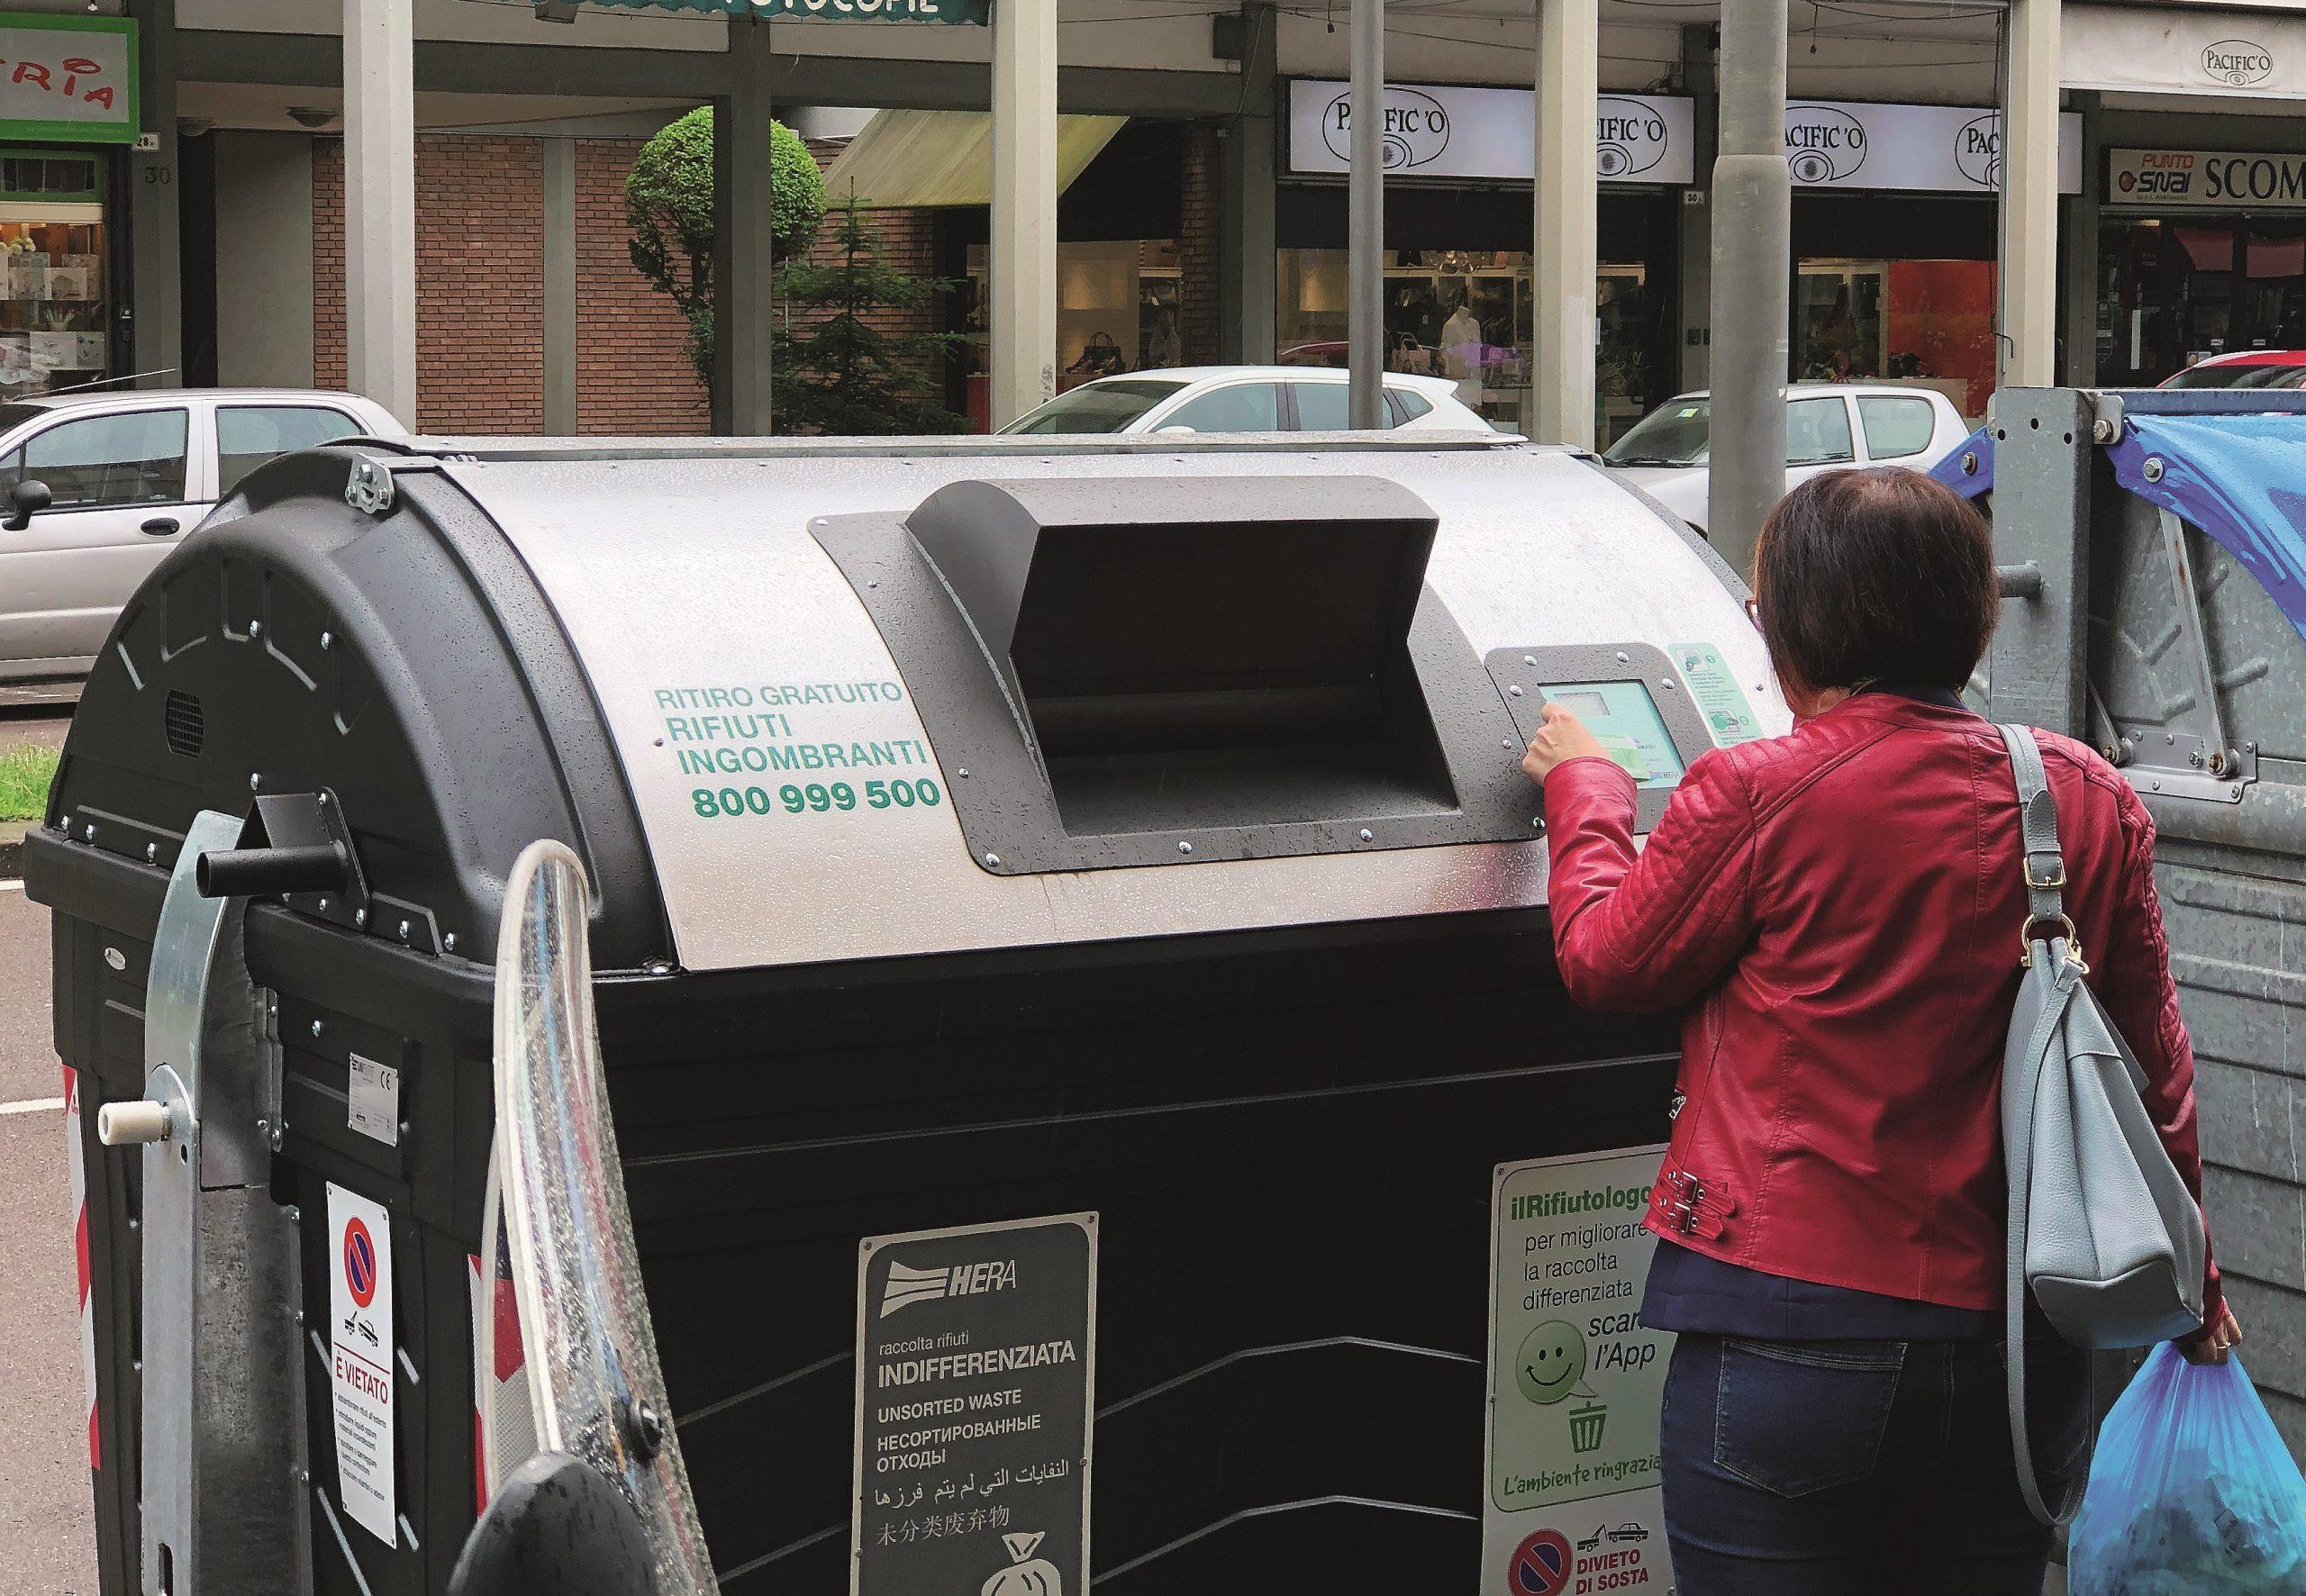 A Celle di Rimini il cassonetto dei rifiuti si apre col cellulare